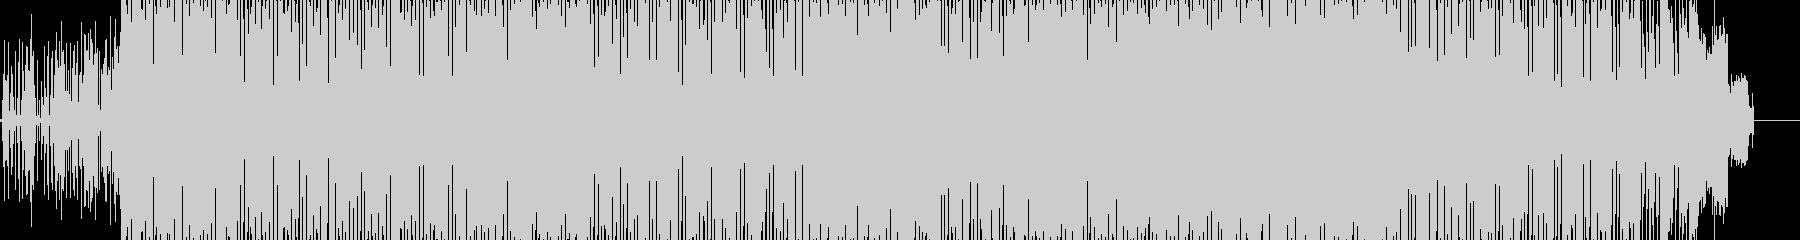 パニックレース/バトルレース疾走感!の未再生の波形